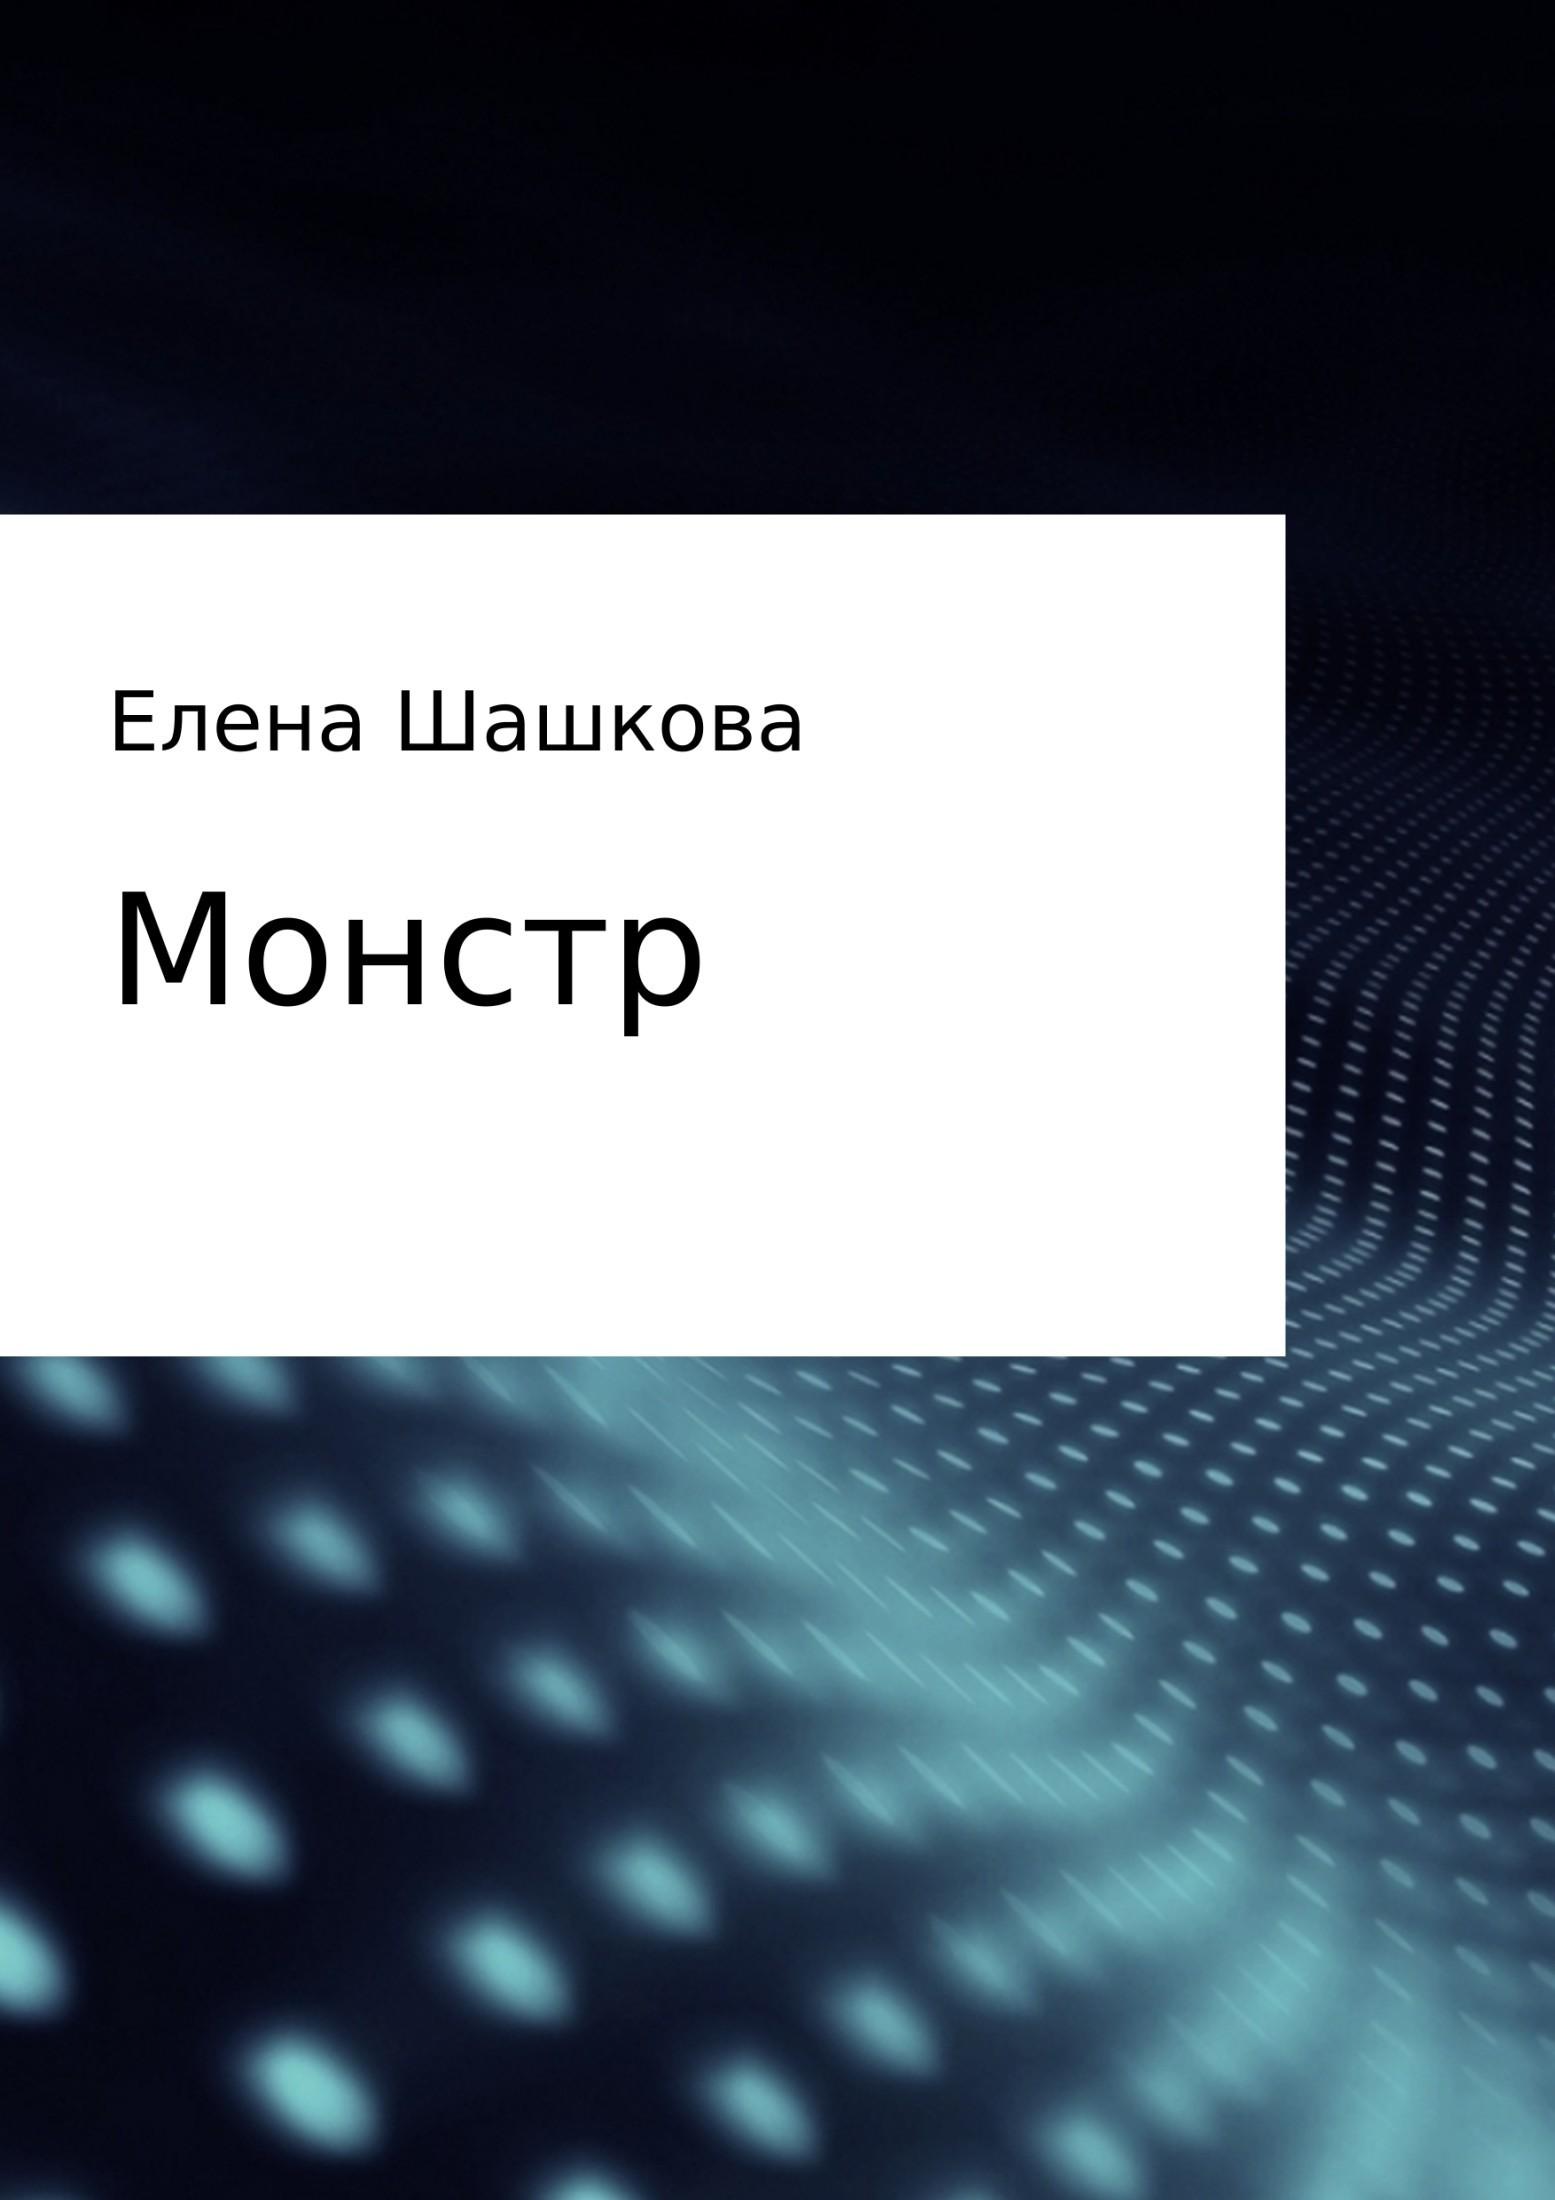 Обложка книги Монстр, автор Елена Александровна Шашкова